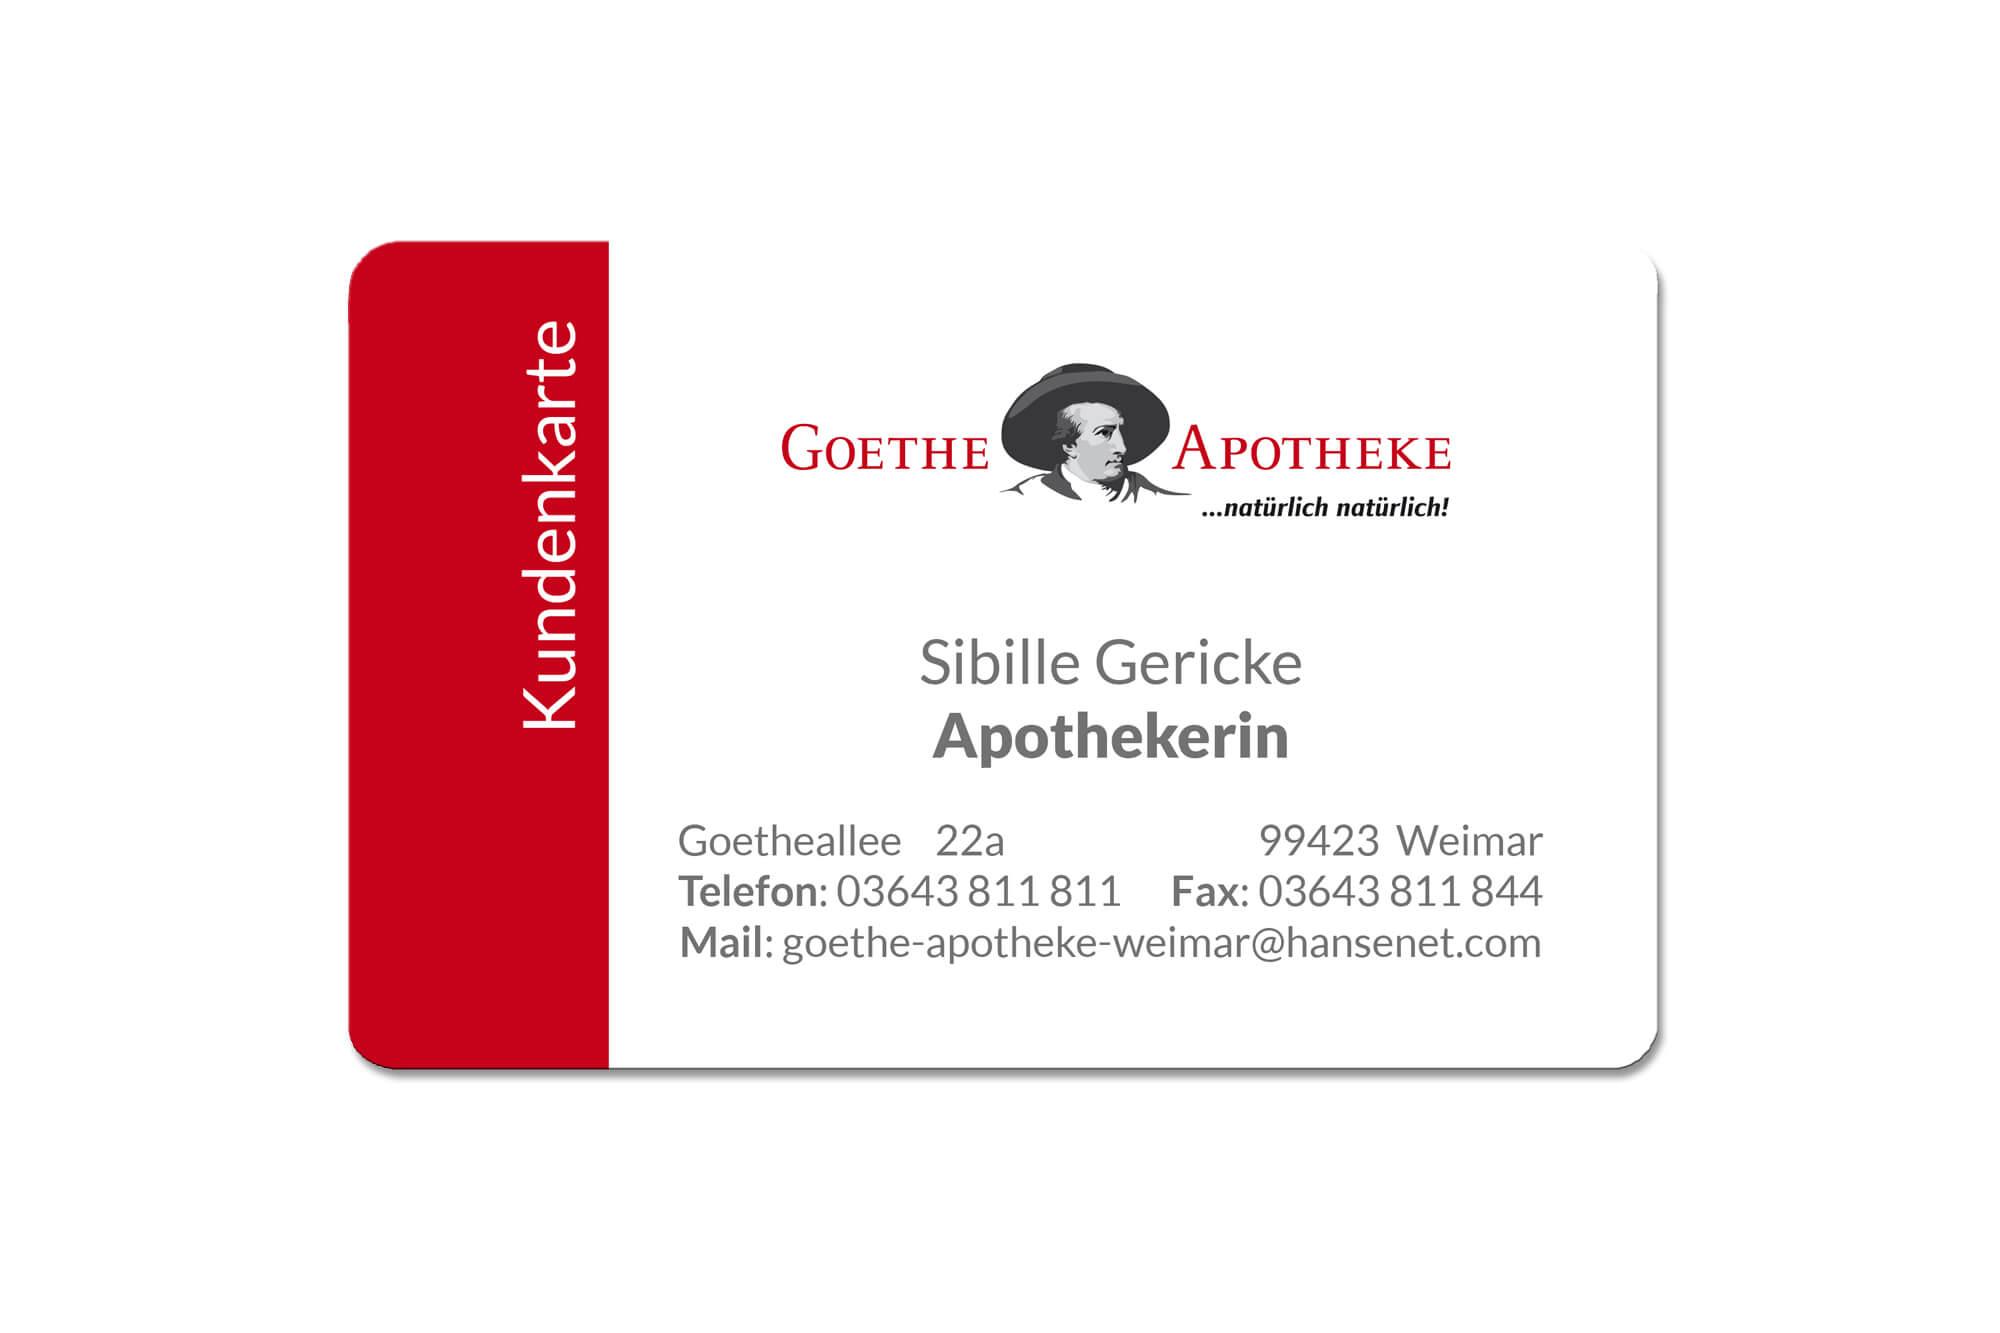 Kundenkarte Goethe-Apotheke